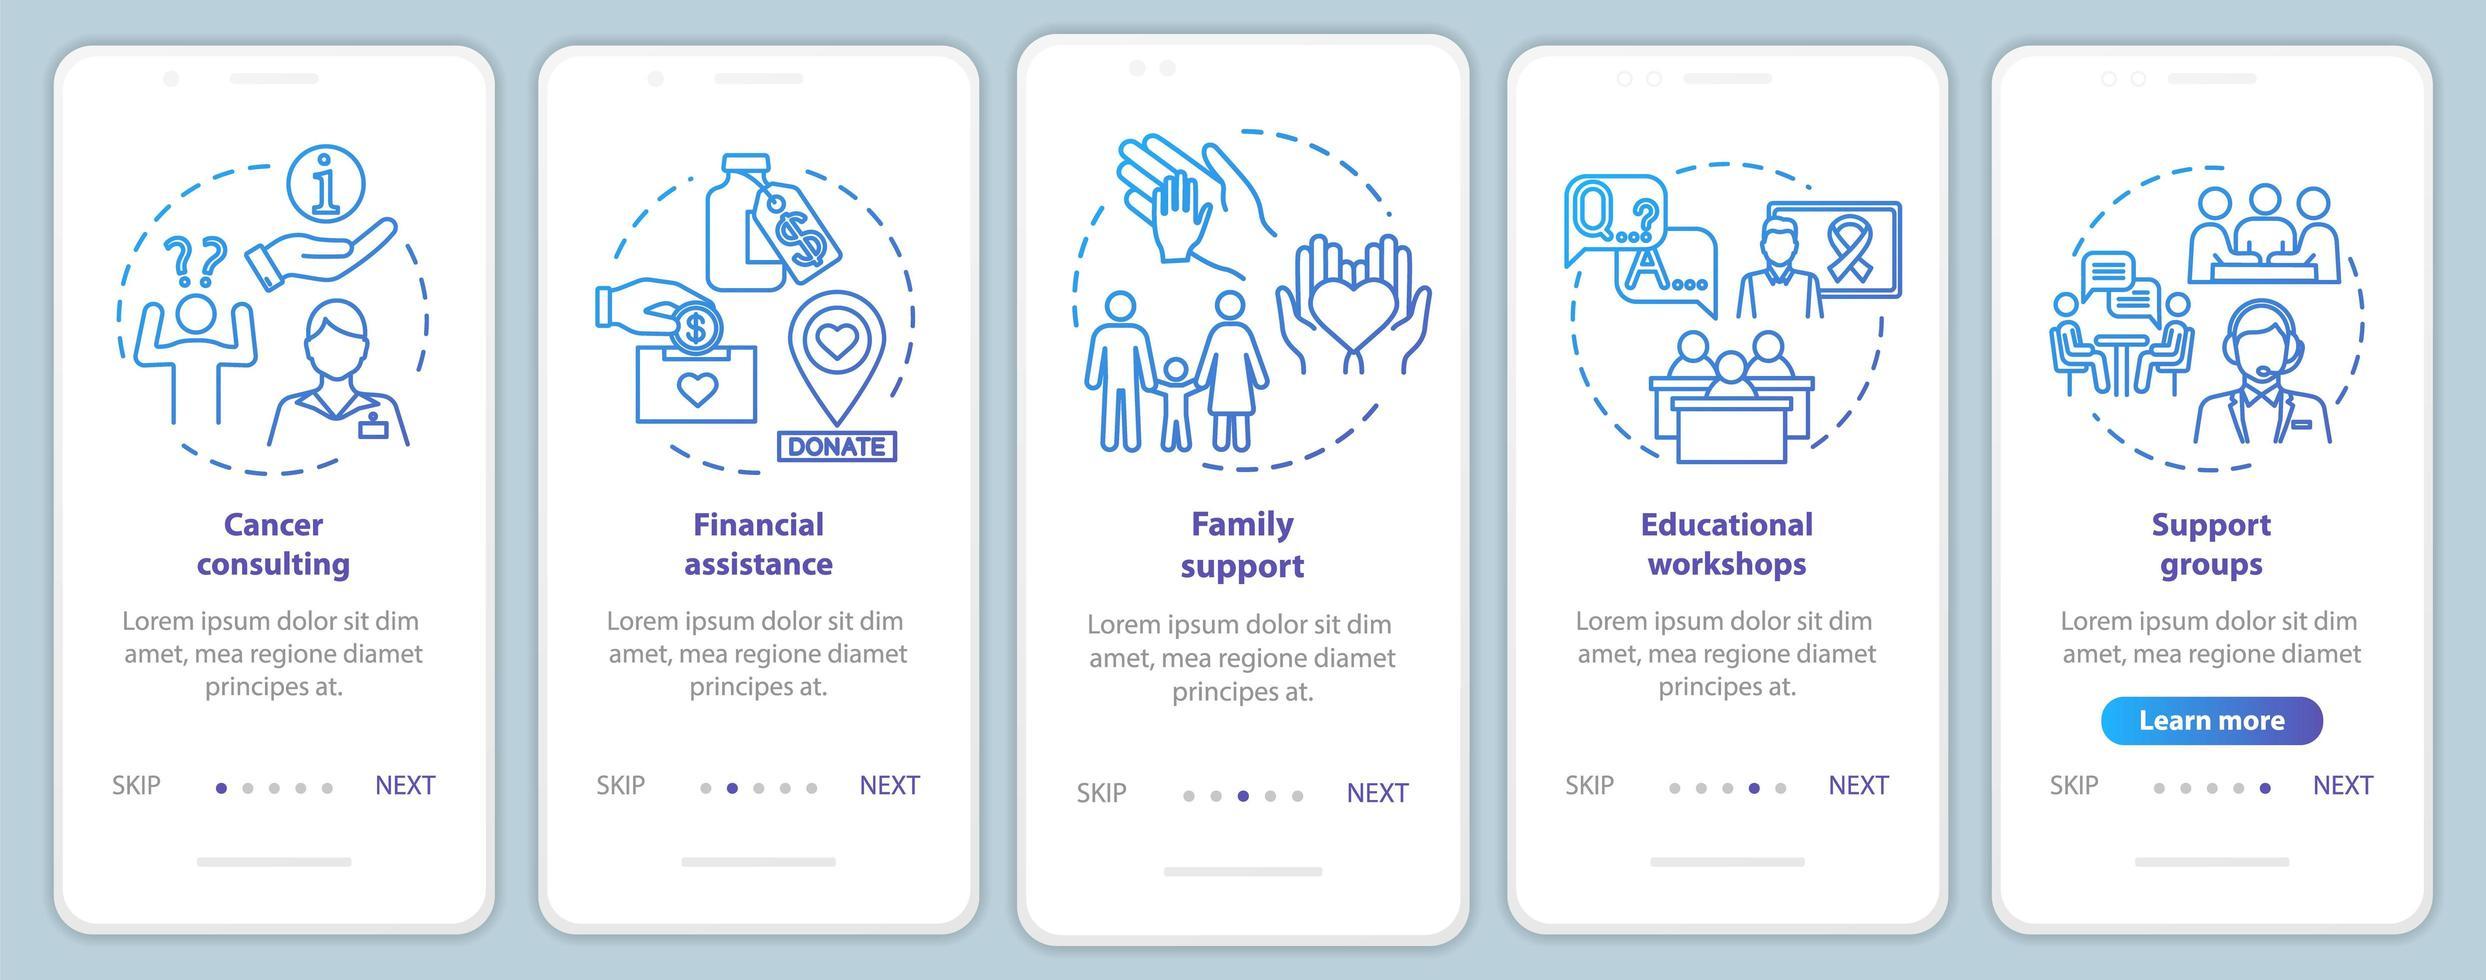 Aide sur l'oncologie écran de la page de l'application mobile d'intégration vecteur